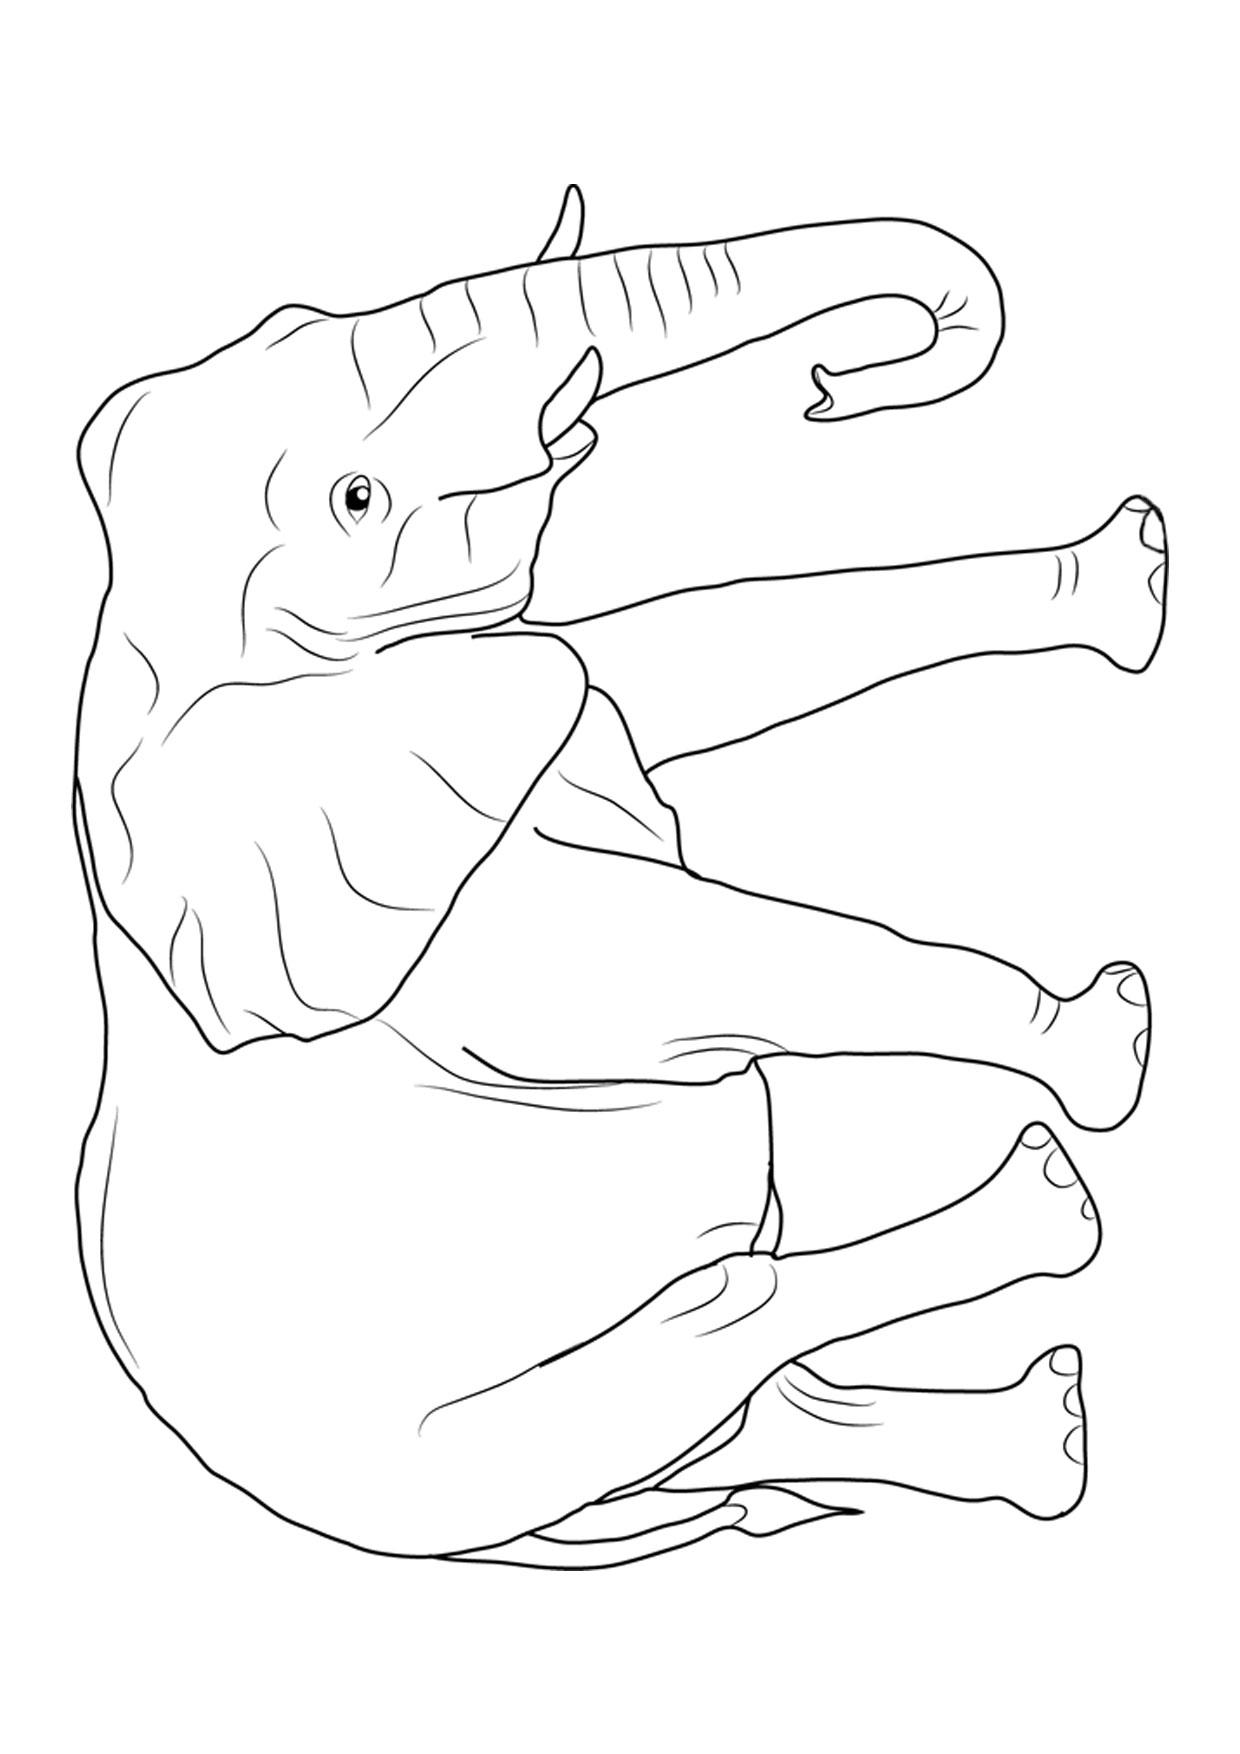 Disegno di elefanti da colorare 01